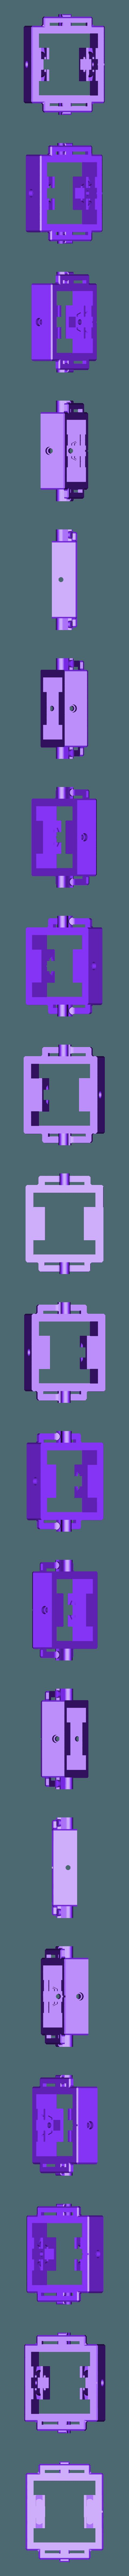 ROLL FRAME.stl Download free STL file VTOL VR 3D printed VIVE controller addon • 3D printer design, 3D_Bus_Driver